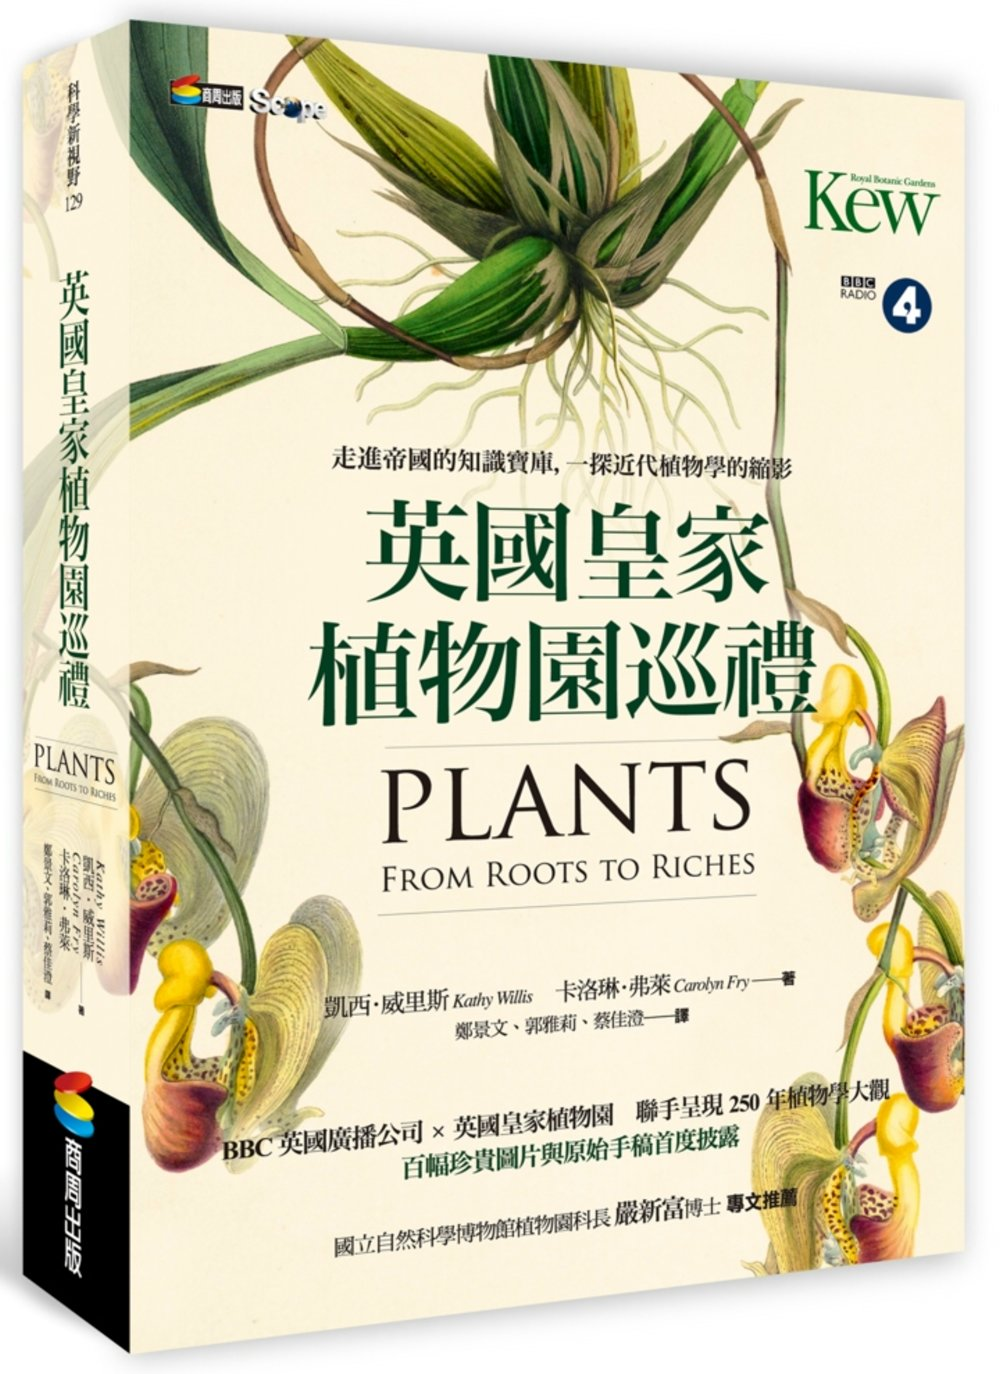 英國皇家植物園巡禮:走進帝國的知識寶庫,一探近代植物學的縮影